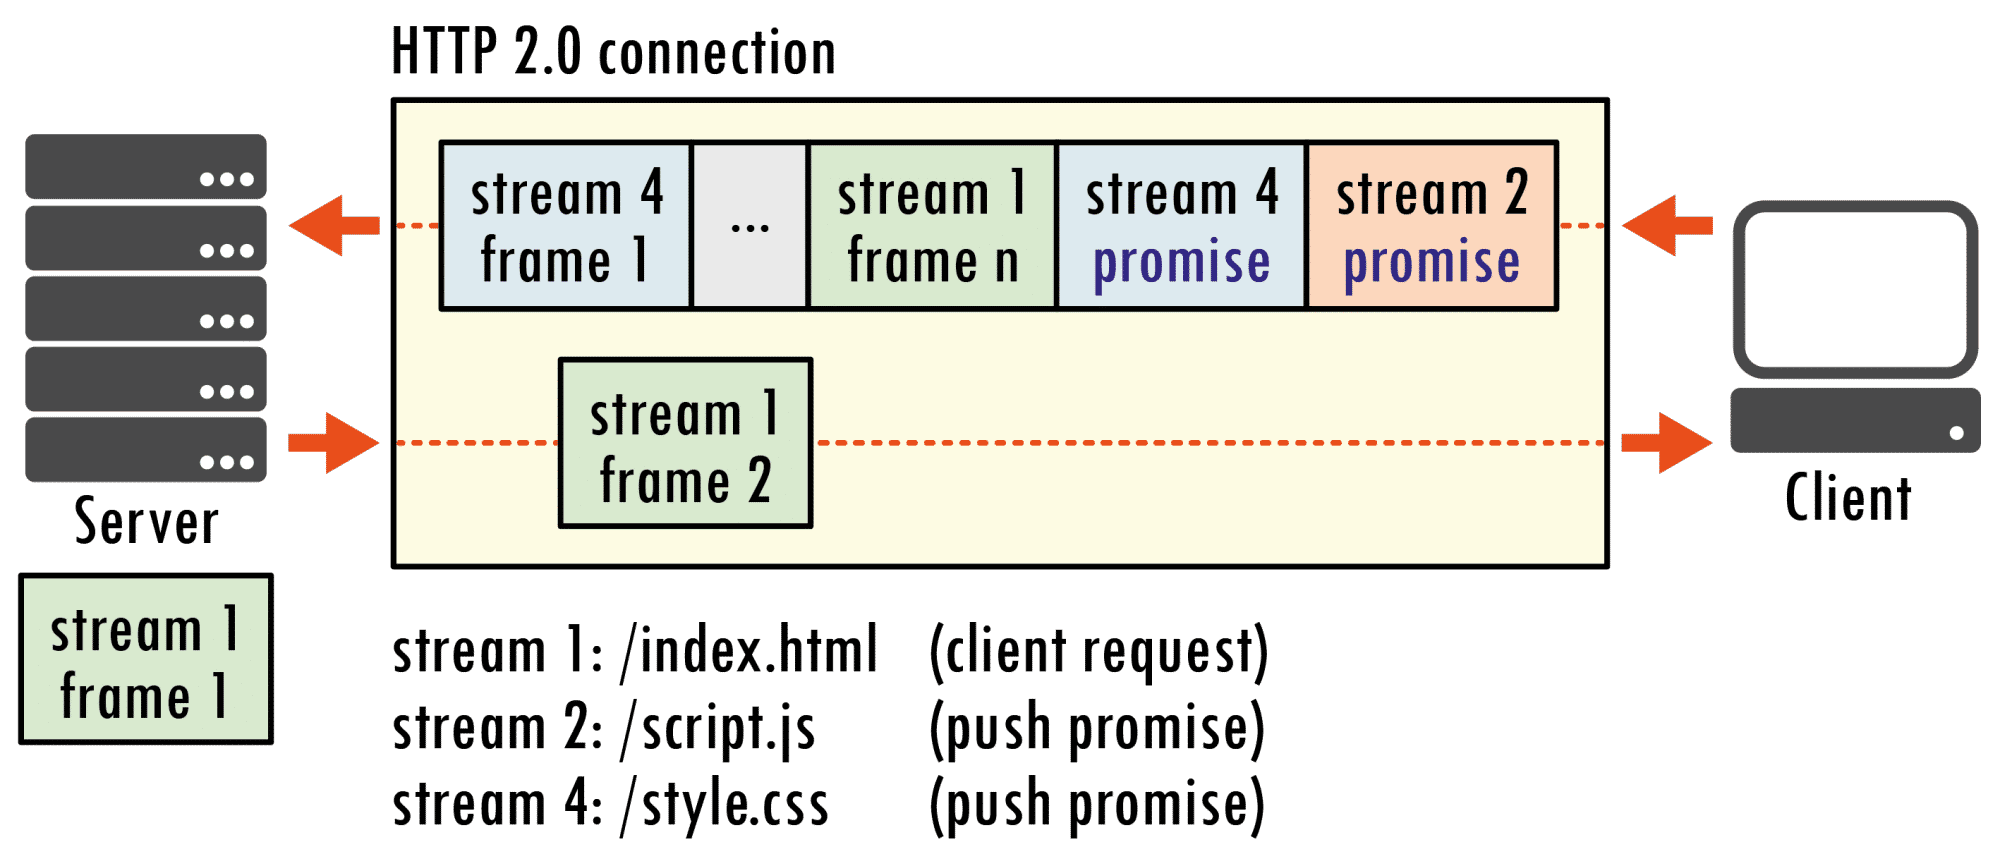 Mit HTTP 2.0 kann ein Server von sich aus Daten auf den Weg geben, von denen er weiß, dass sie der Client ohnehin gleich braucht. Das erspart dem Client gesonderte Anfragen beispielsweise für Java-Script-Dateien oder Style-Sheets.